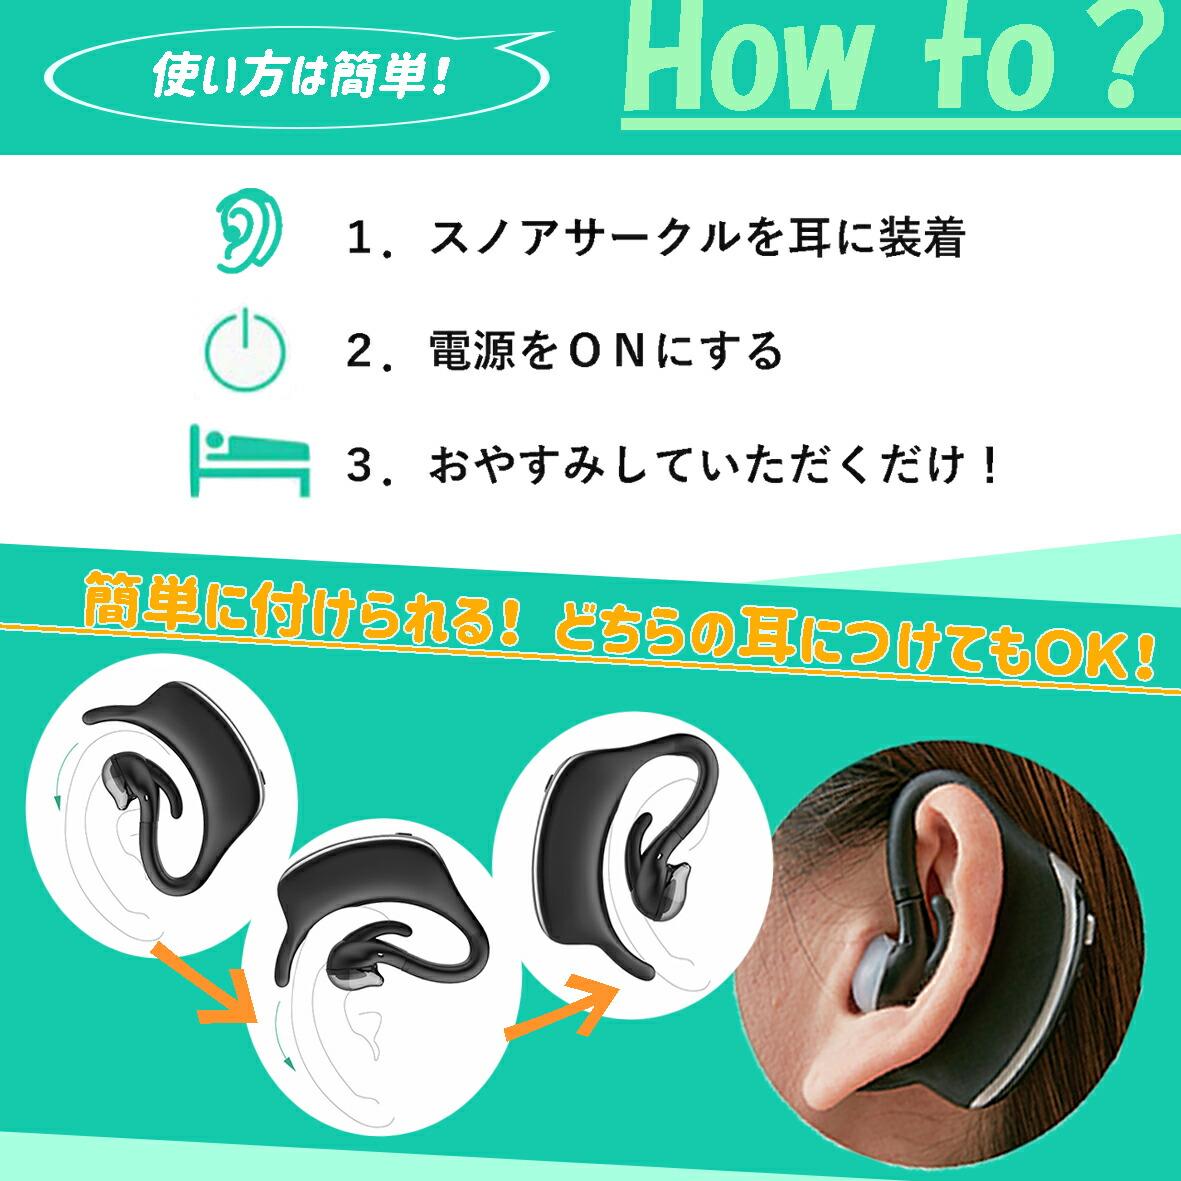 使い方は簡単! 1.スノアサークルを耳に装着 2.電源をONにする 3.おやすみしていただくだけ! 簡単に付けられる!どちらの耳につけてもOK!